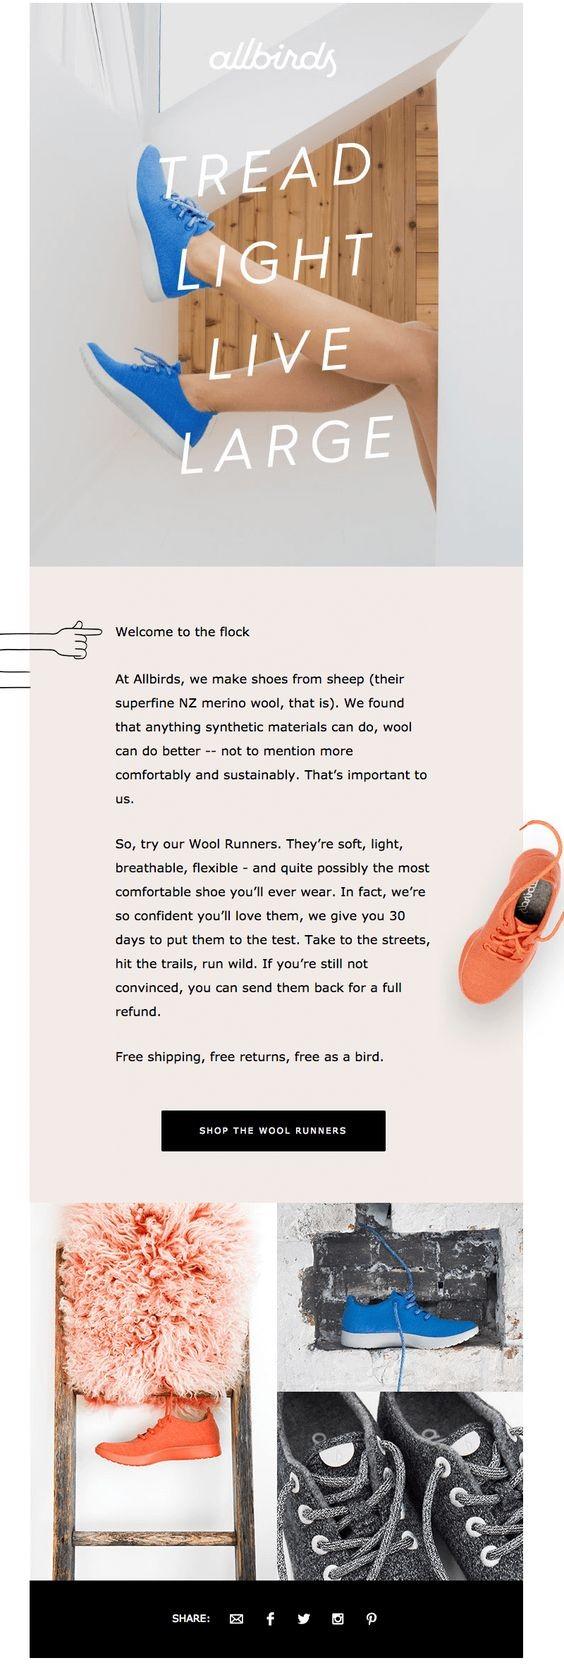 Бренд кроссовок вышел за рамки в приветственном письме